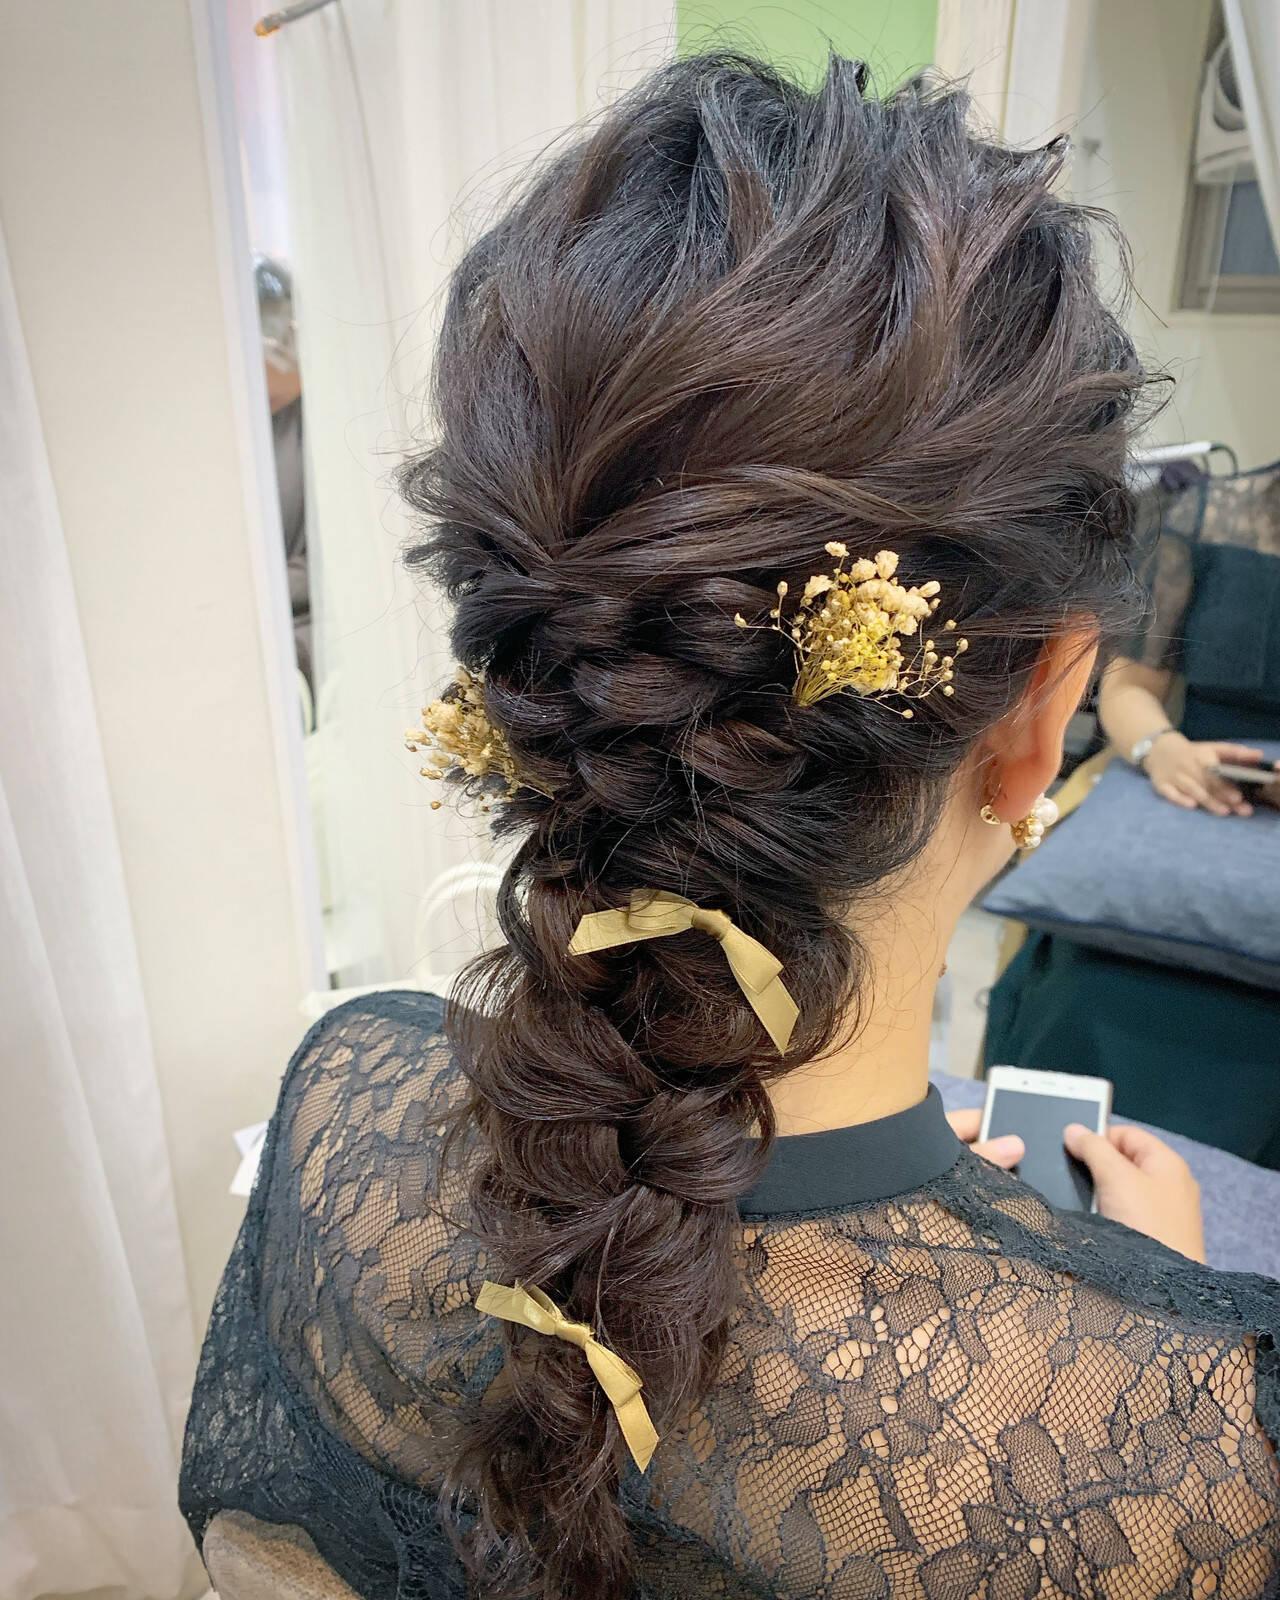 ロング ヘアアレンジ 編みおろしヘア 結婚式ヘアアレンジヘアスタイルや髪型の写真・画像